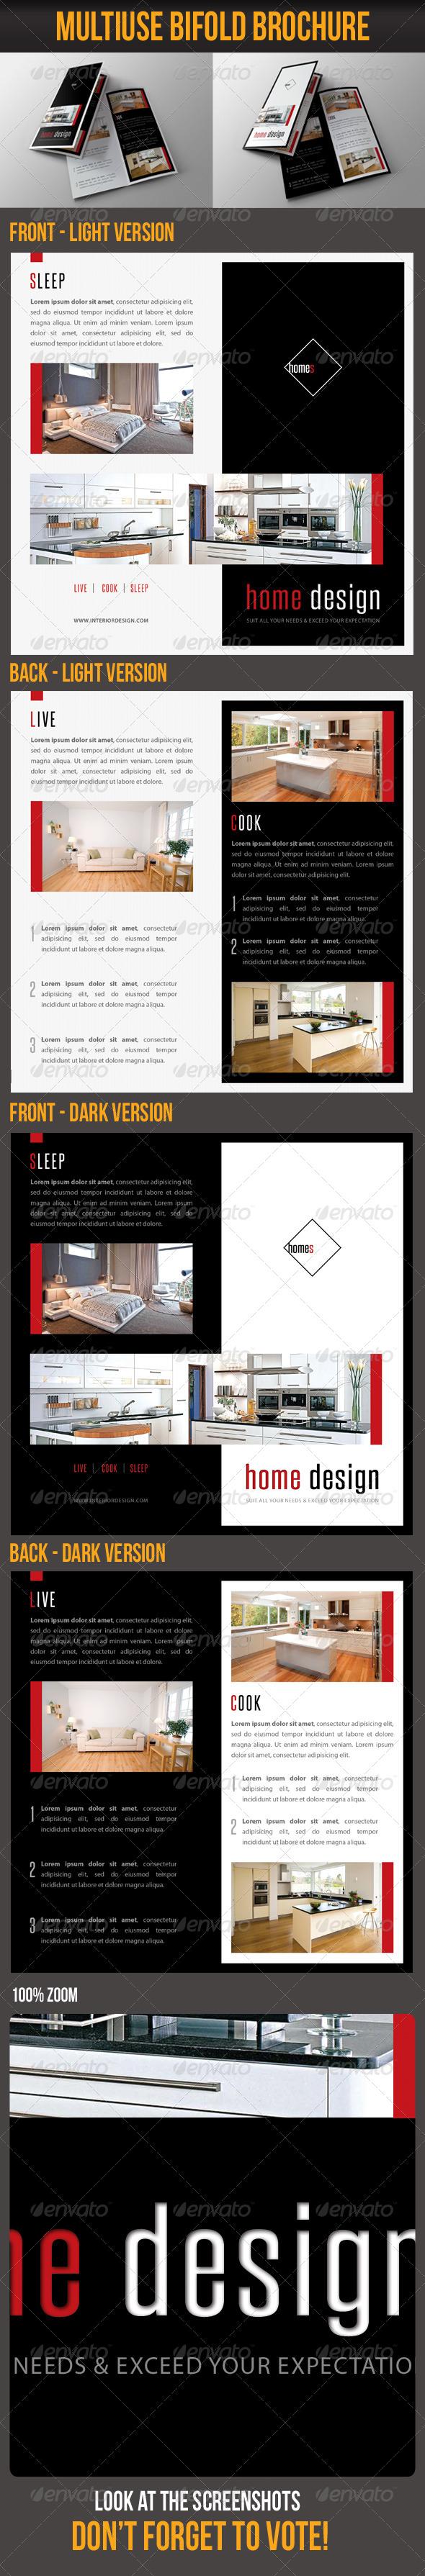 GraphicRiver Multiuse Bifold Brochure 52 7017597